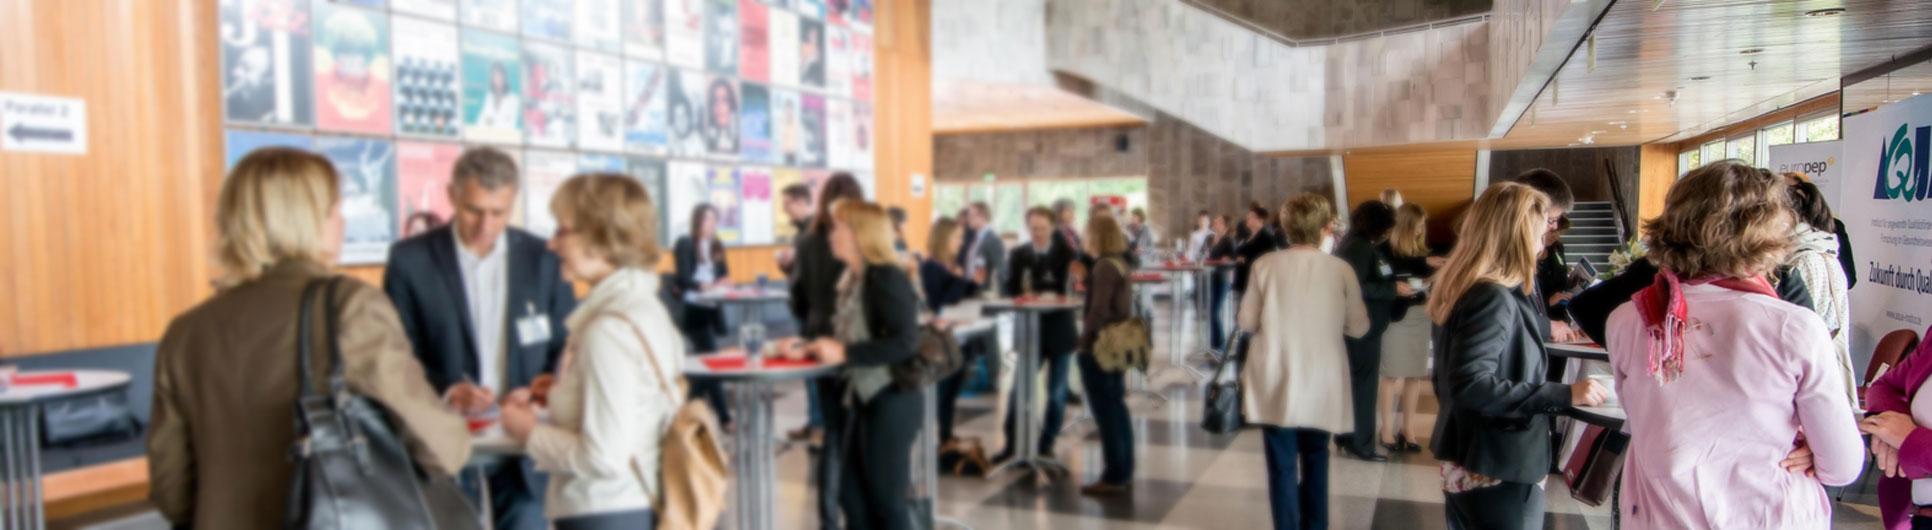 Bild von einer aQua-Veranstaltung in der Stadthalle Göttingen